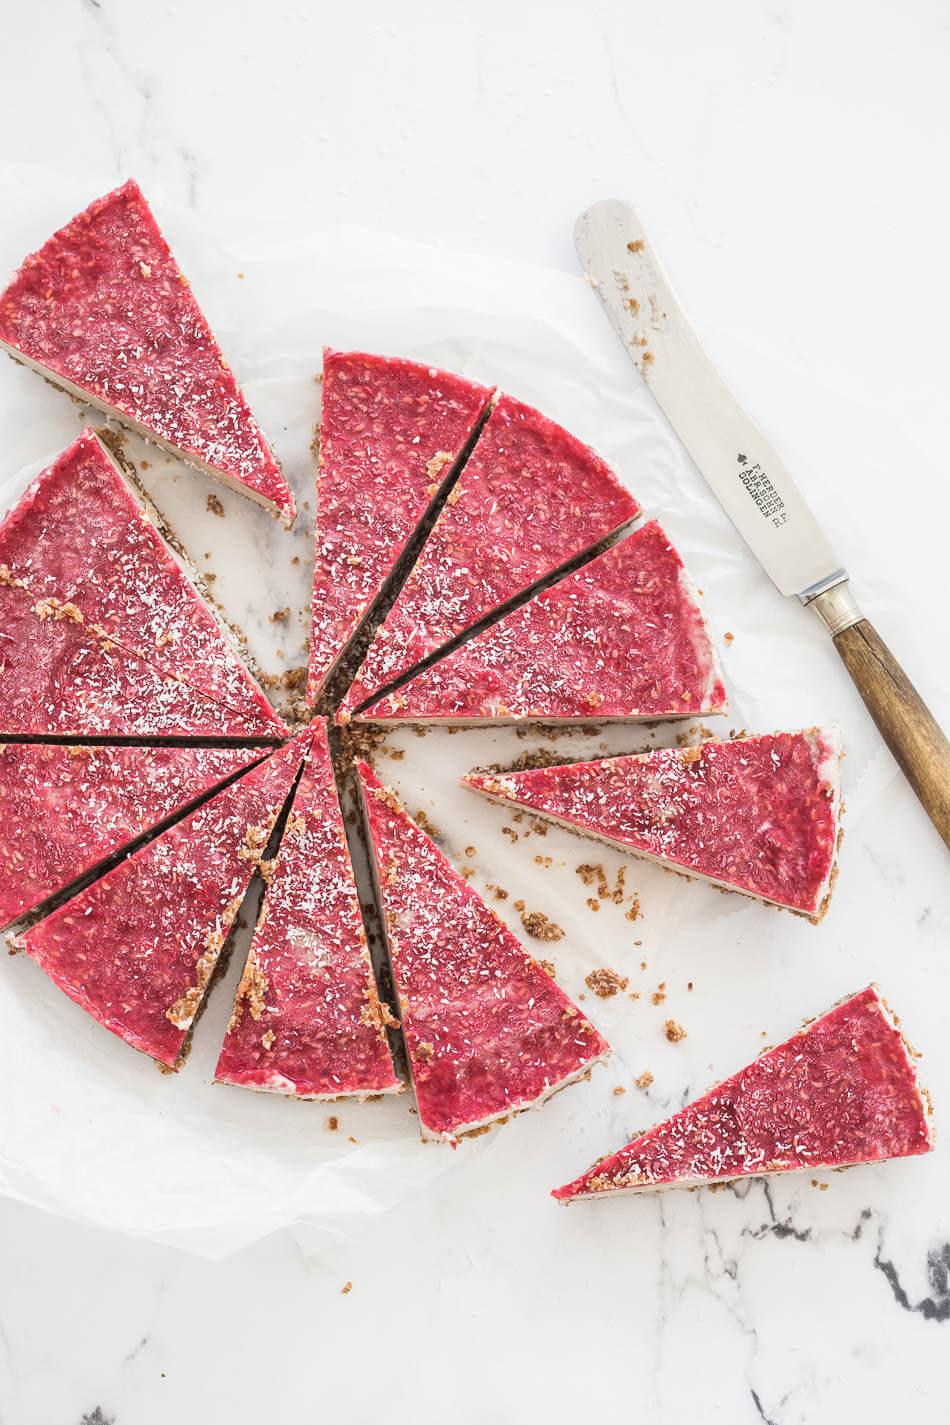 No bake paleo cheesecake met frambozen topping | simoneskitchen.nl